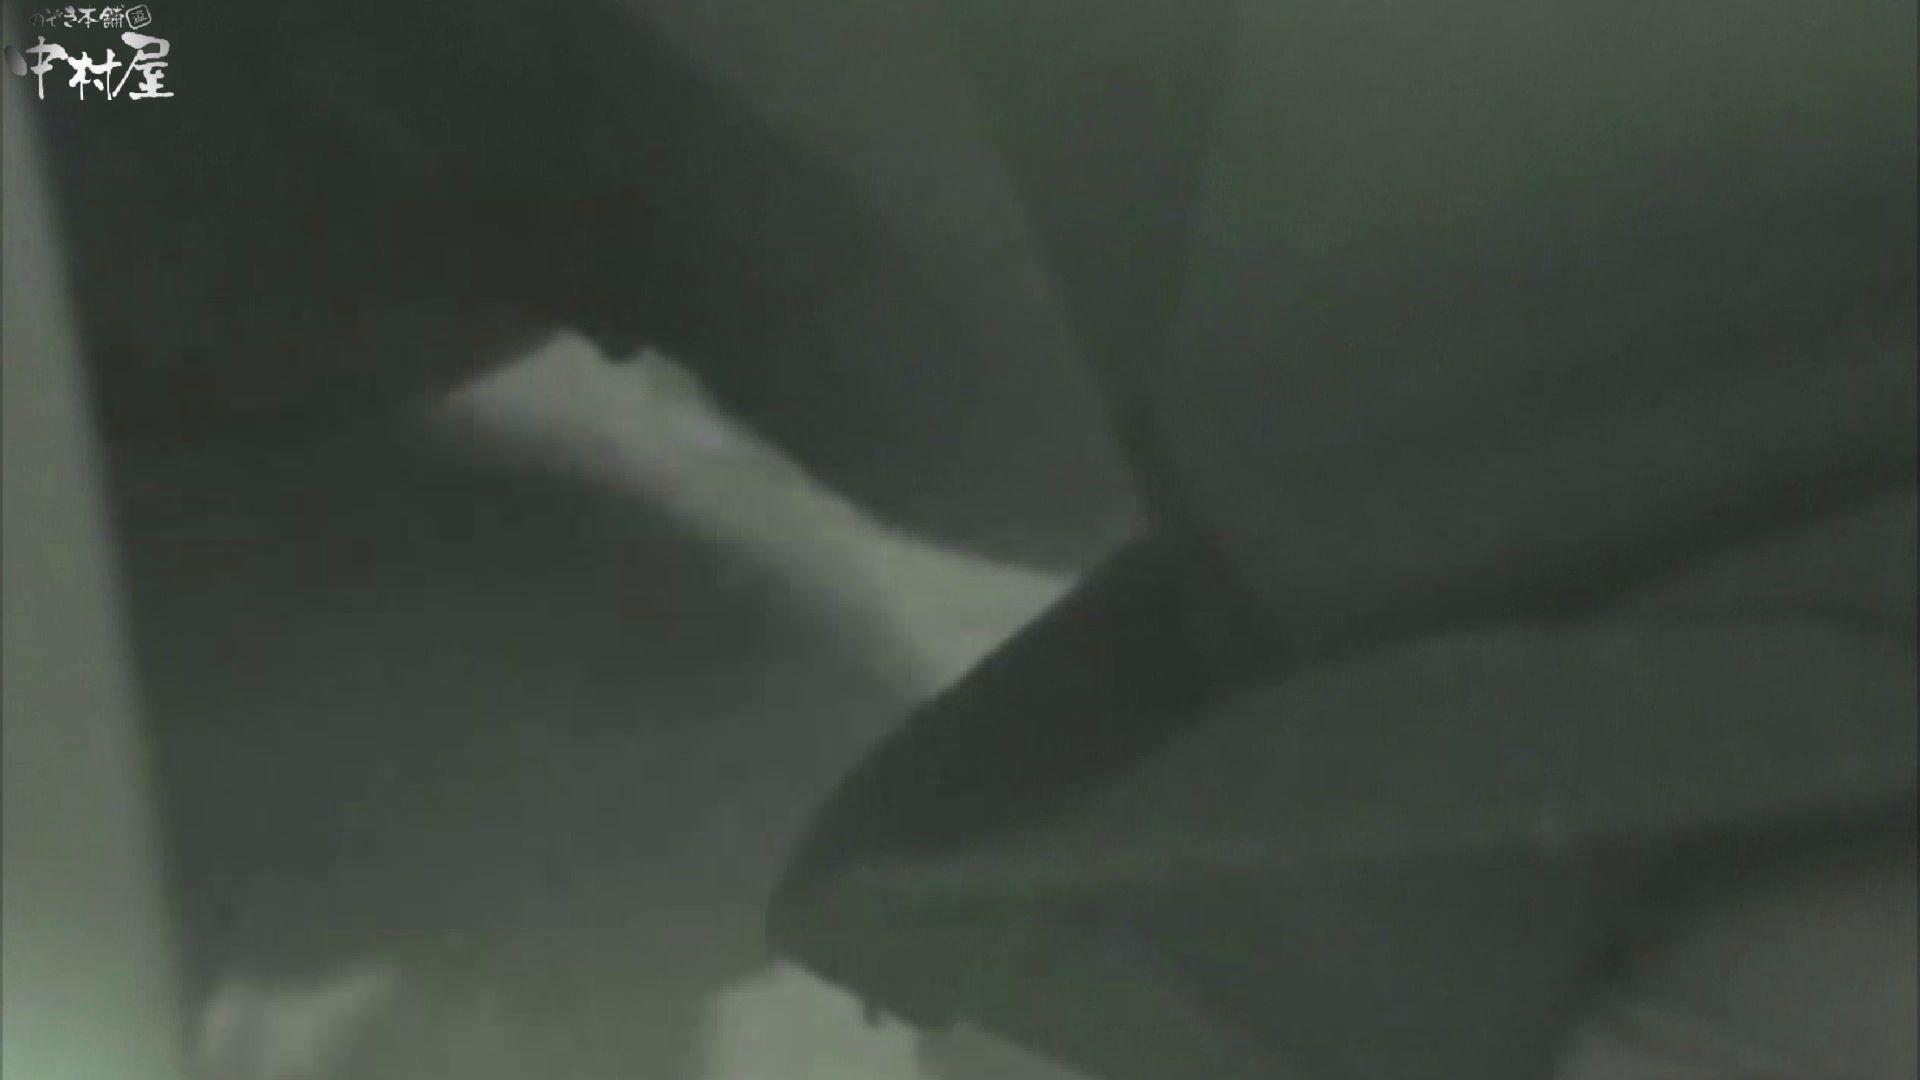 解禁!海の家4カメ洗面所vol.09 人気シリーズ  97PIX 36